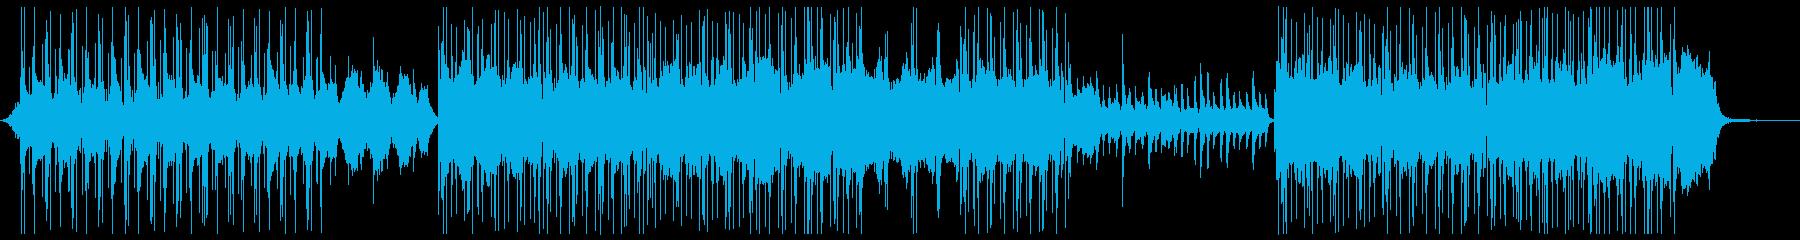 リラックス_深呼吸の再生済みの波形